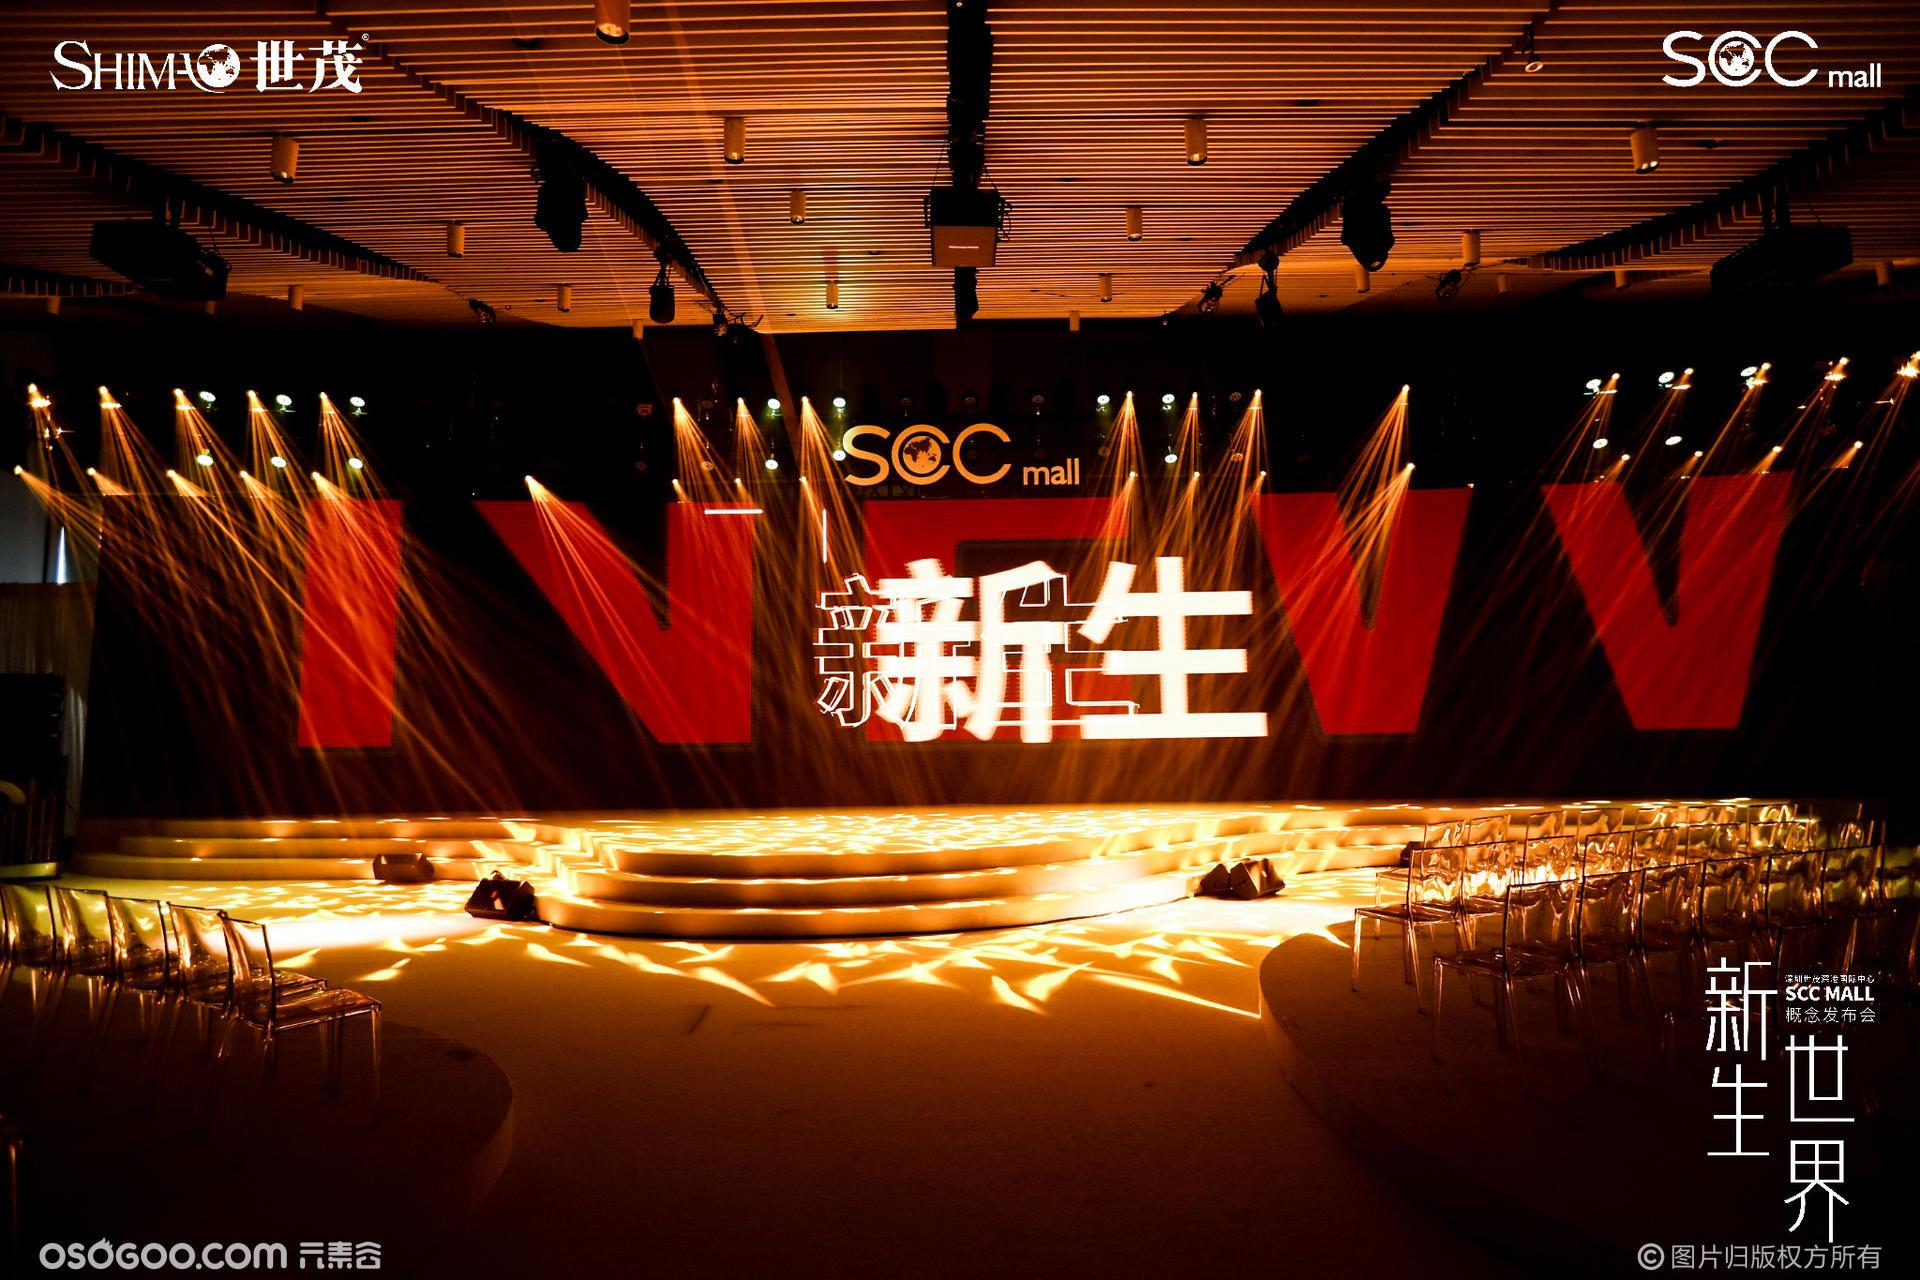 深圳世茂深港国际中心SCC mall概念发布会